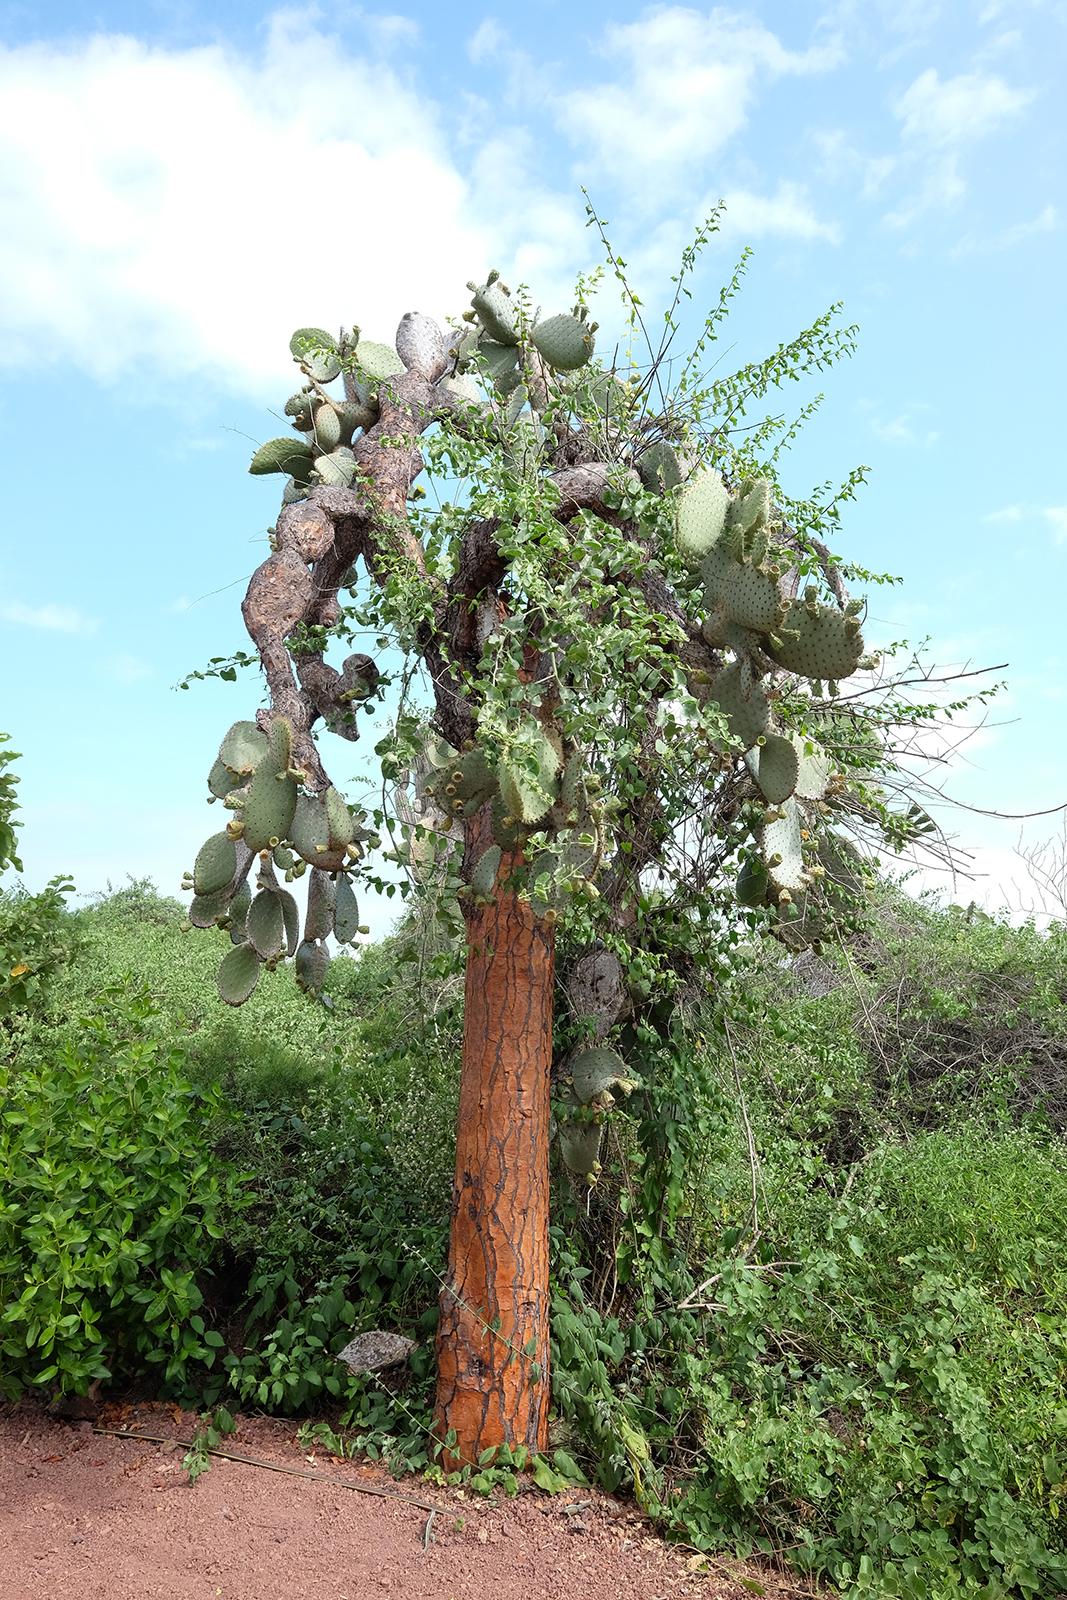 02_Estacion_Cientifica_Charles_Darwin_12_Cactus_Candelabro.JPG